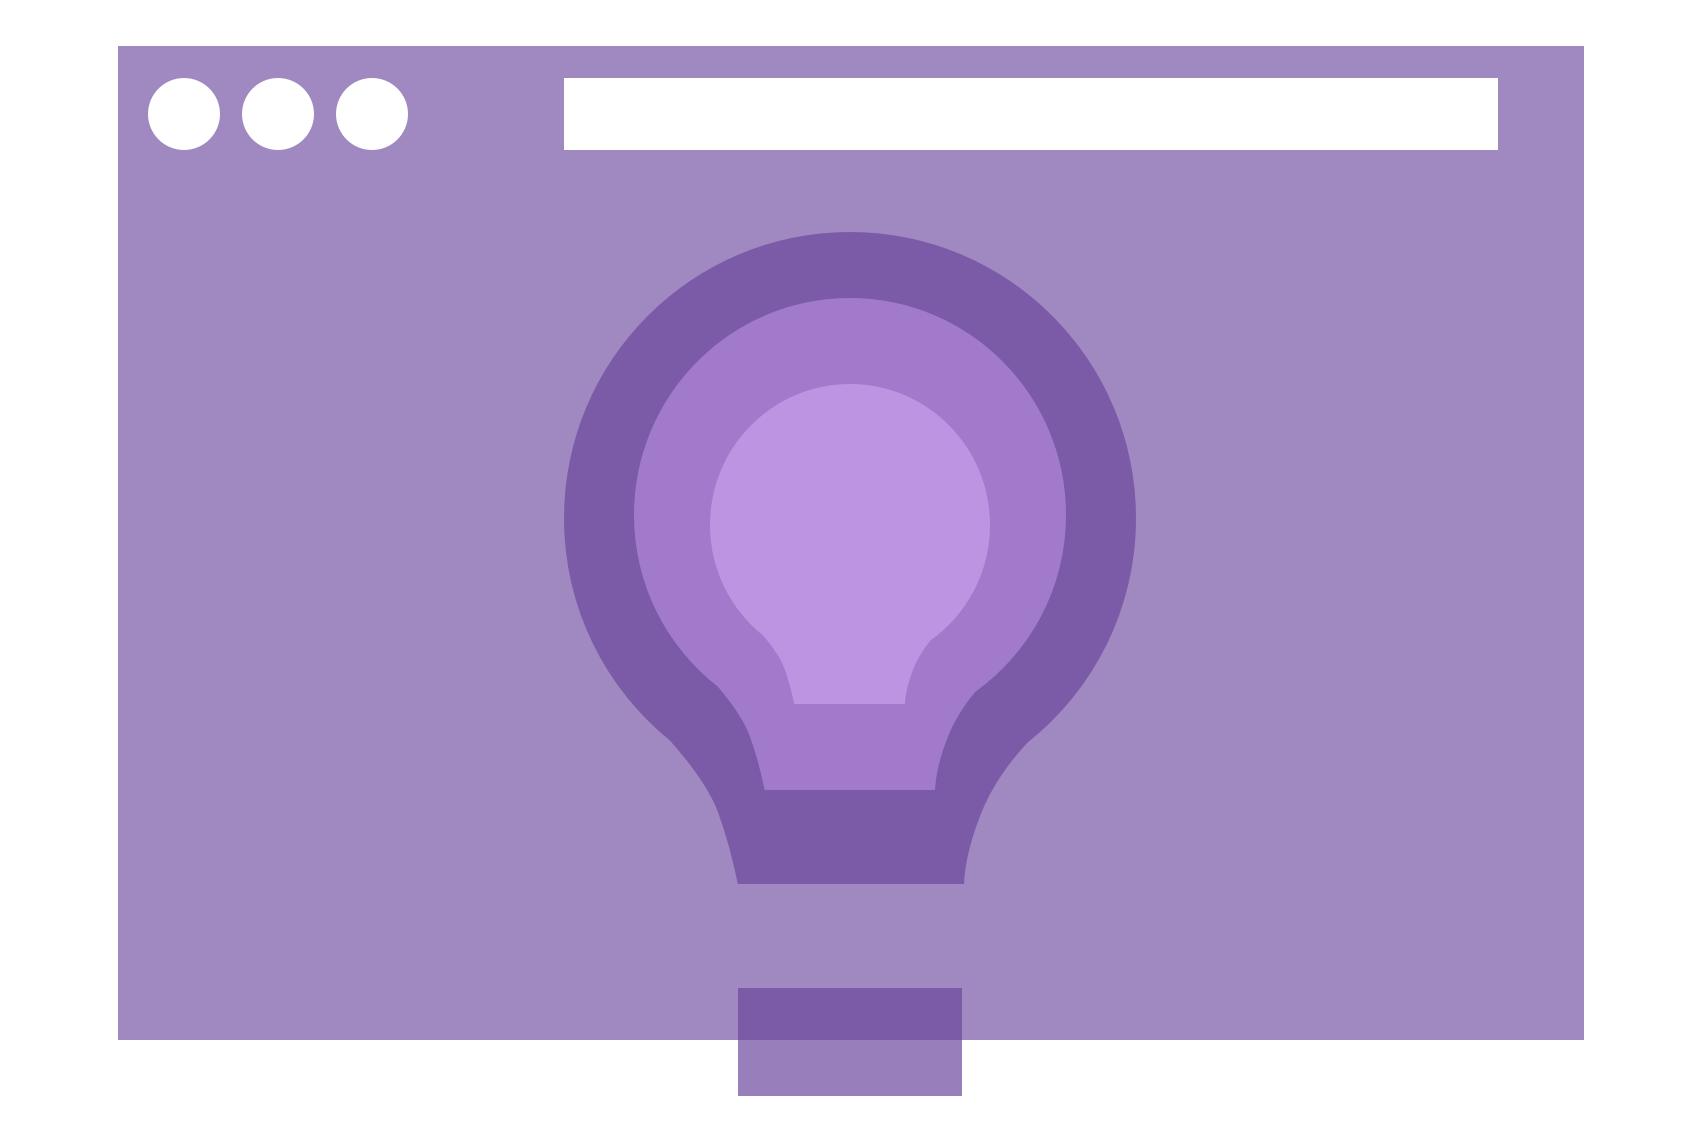 An abstract light bulb framed inside a browser window.